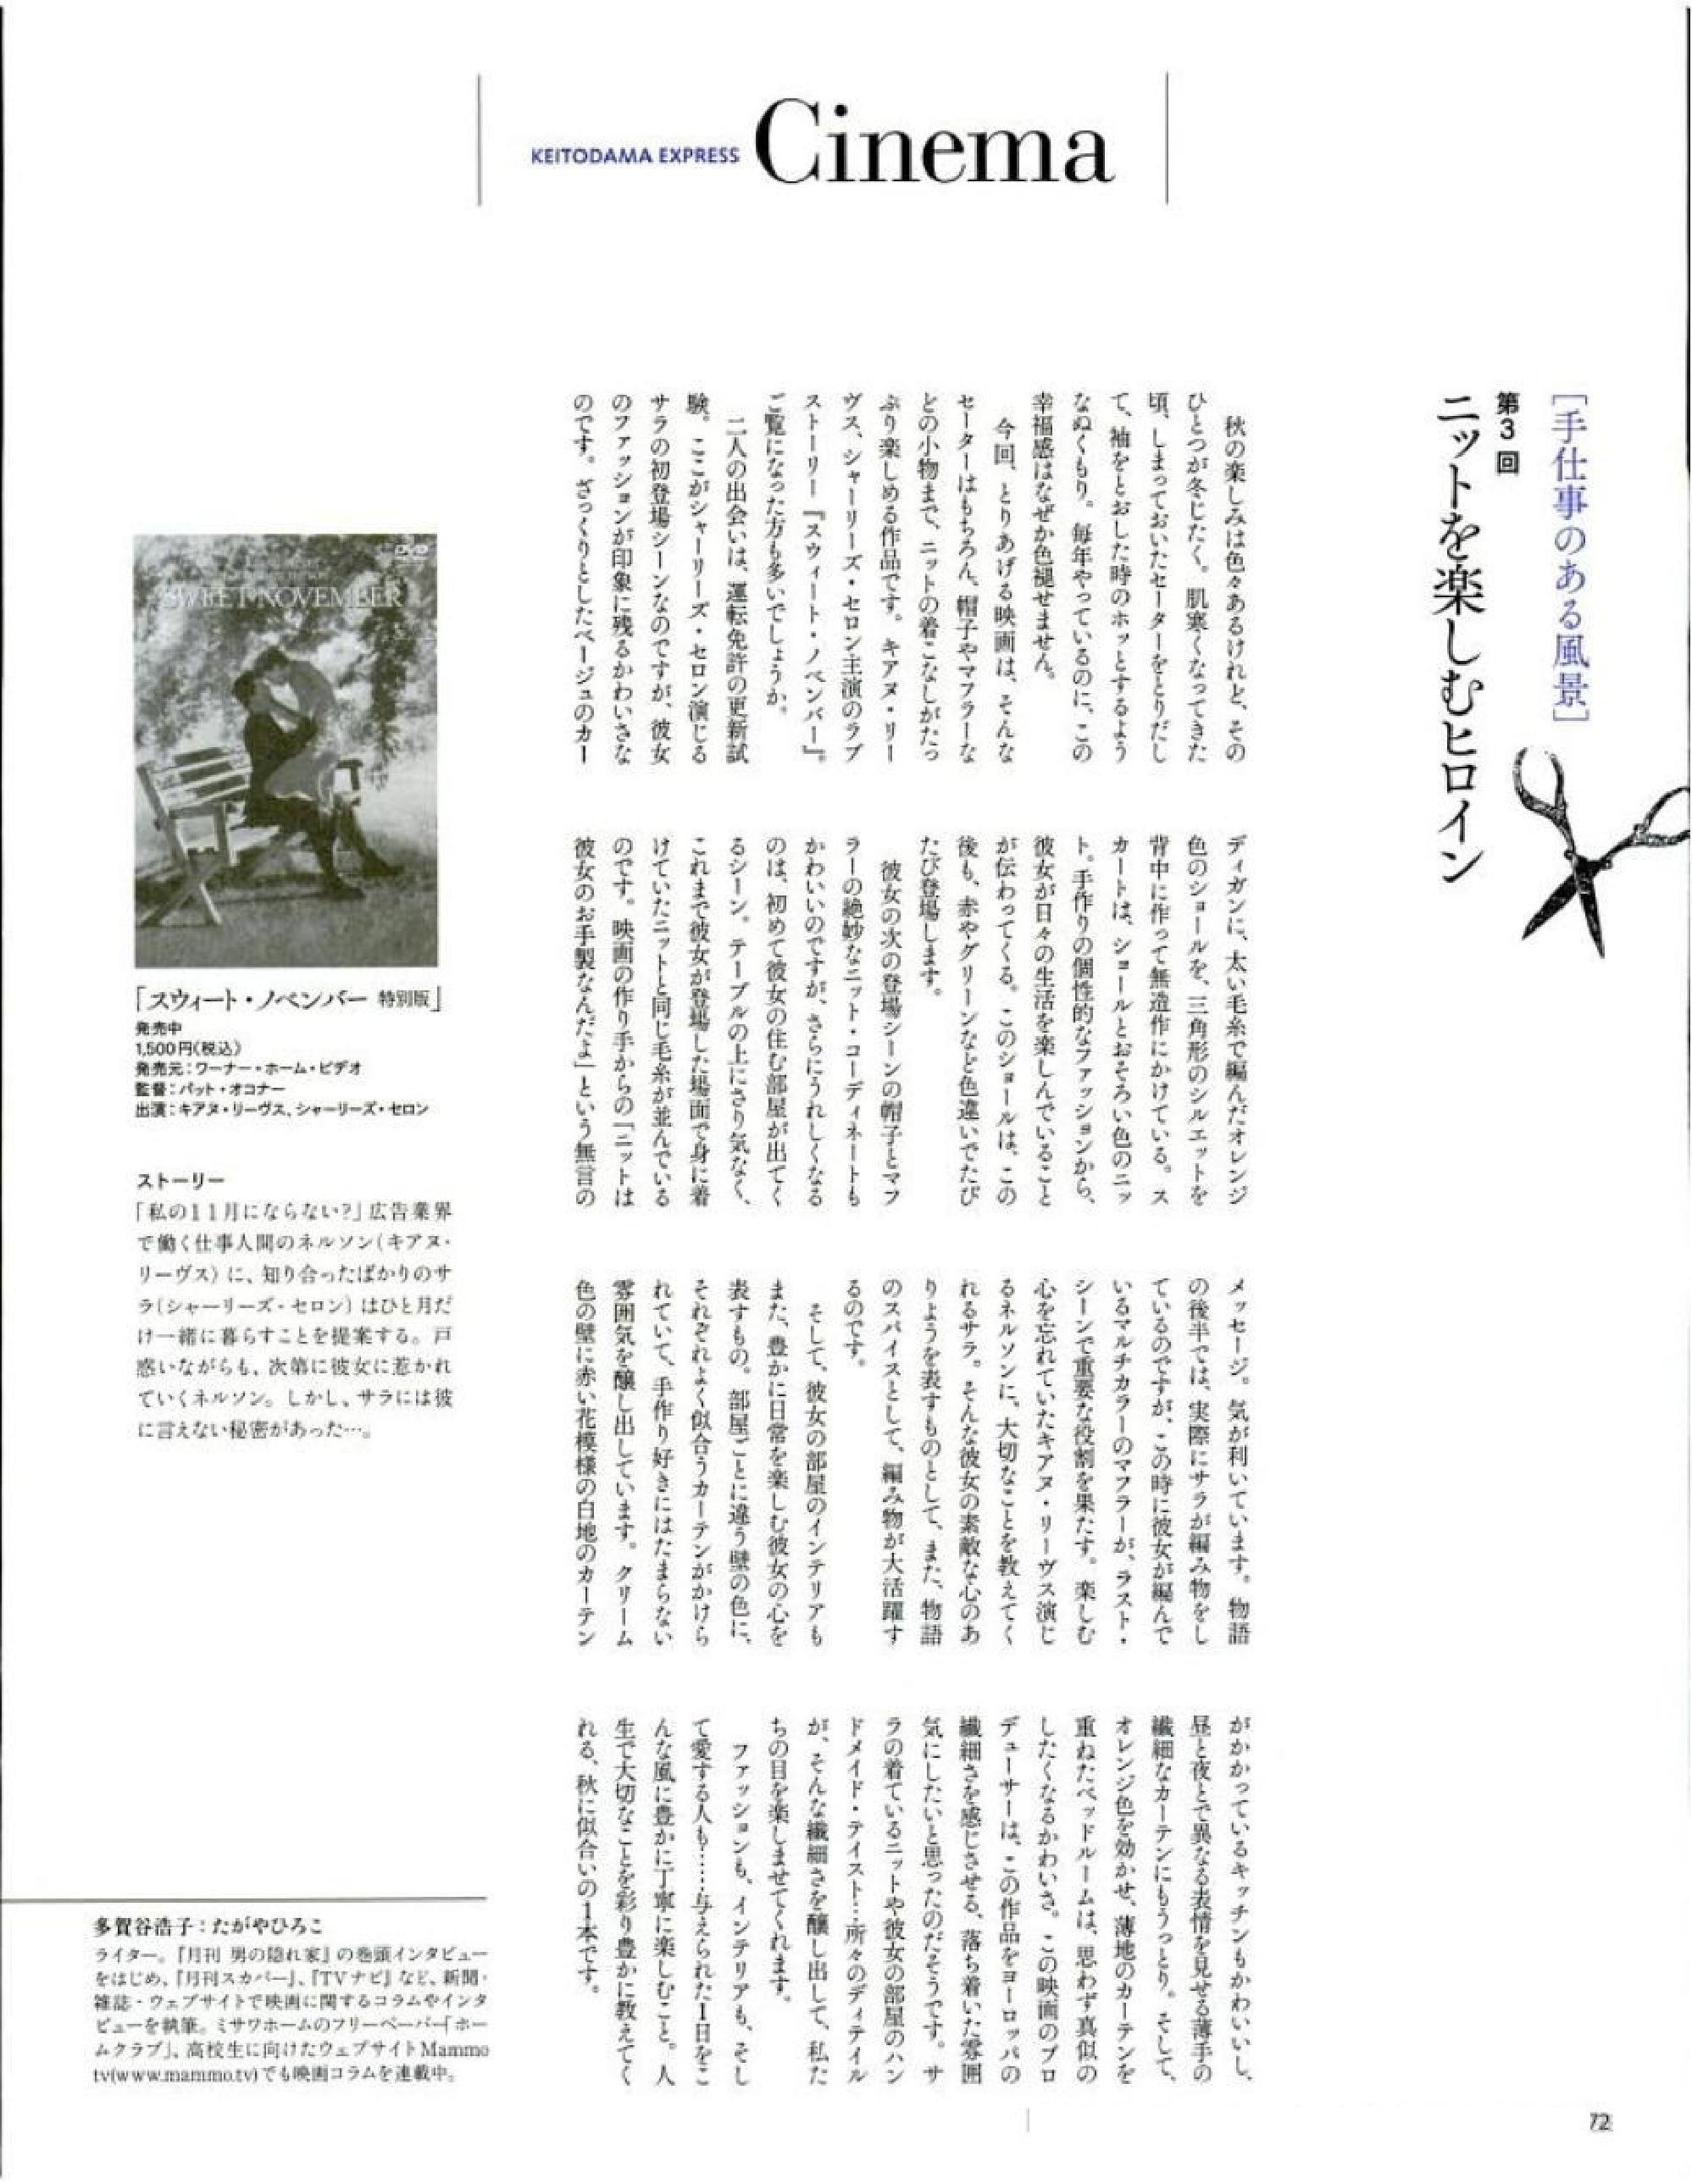 KD151_67.jpg